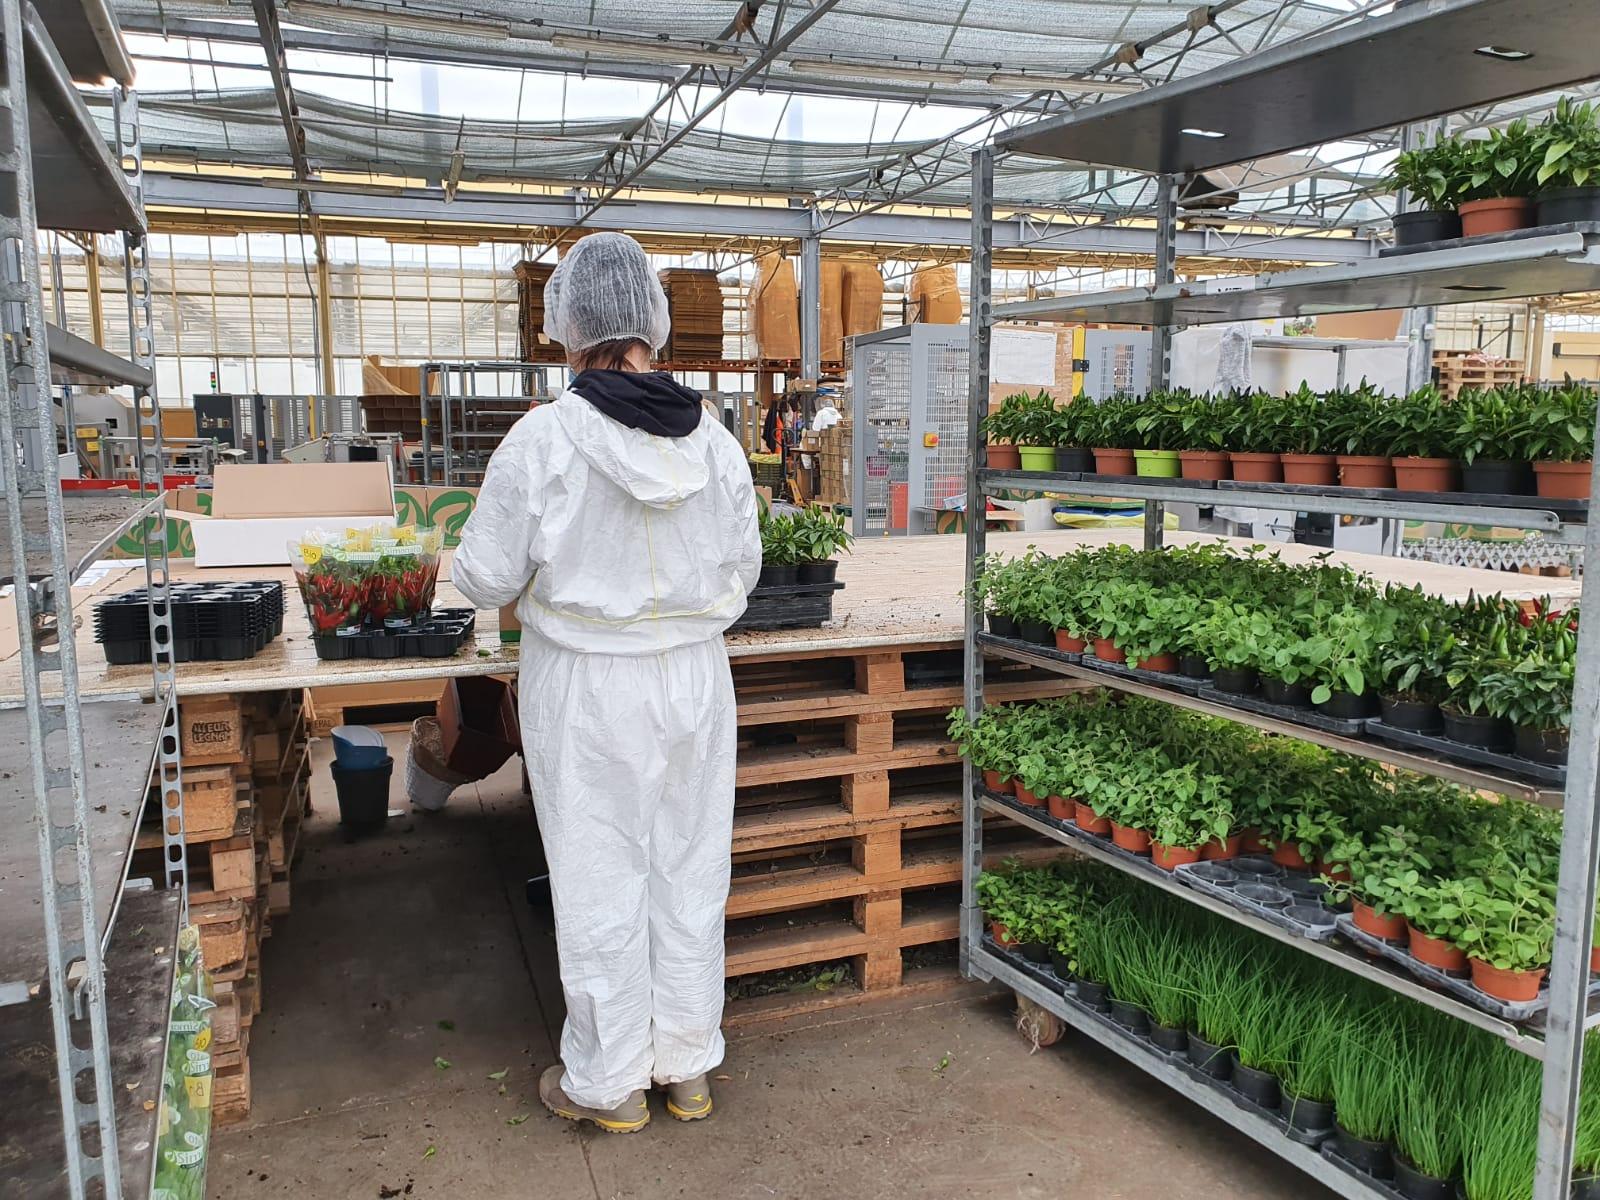 Coltivare In Casa Piante Aromatiche piantine aromatiche da agricoltura biologica da coltivare in